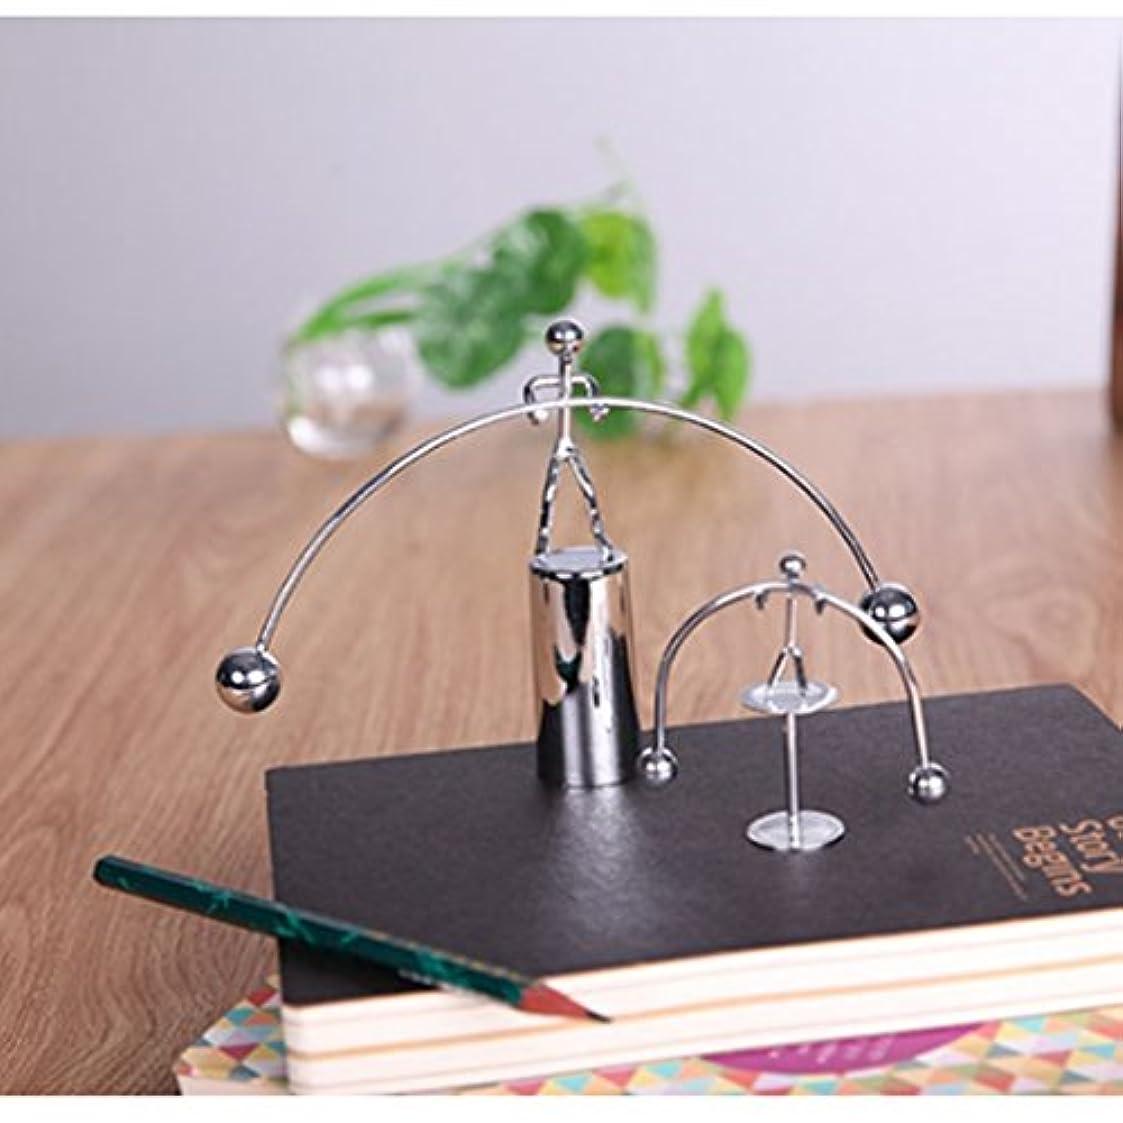 つば復活させる鉛筆HKUN 重量 リフター ニュートンのクレードル おもちゃホームオフィス用